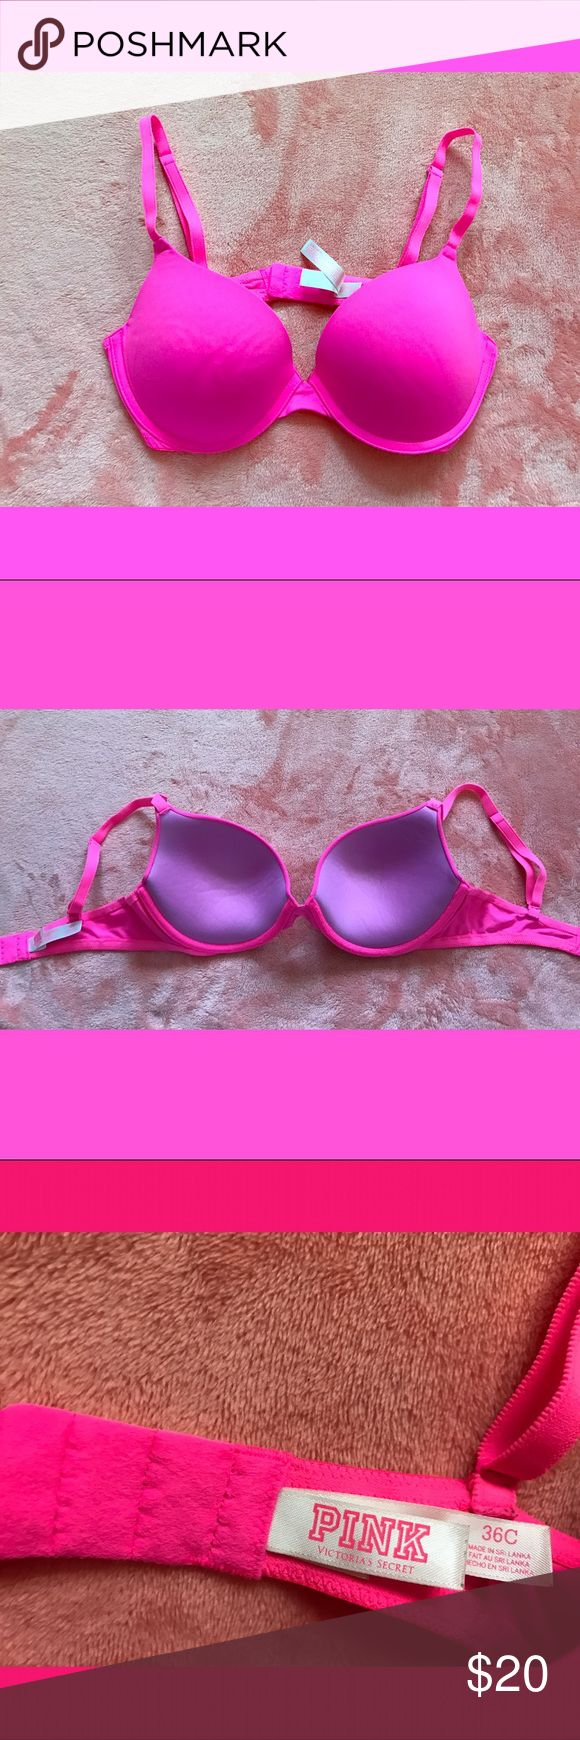 < Victoria Secret PINK bra > Great condition bra! Wear everywhere push up!  PINK Victoria's Secret Intimates & Sleepwear Bras